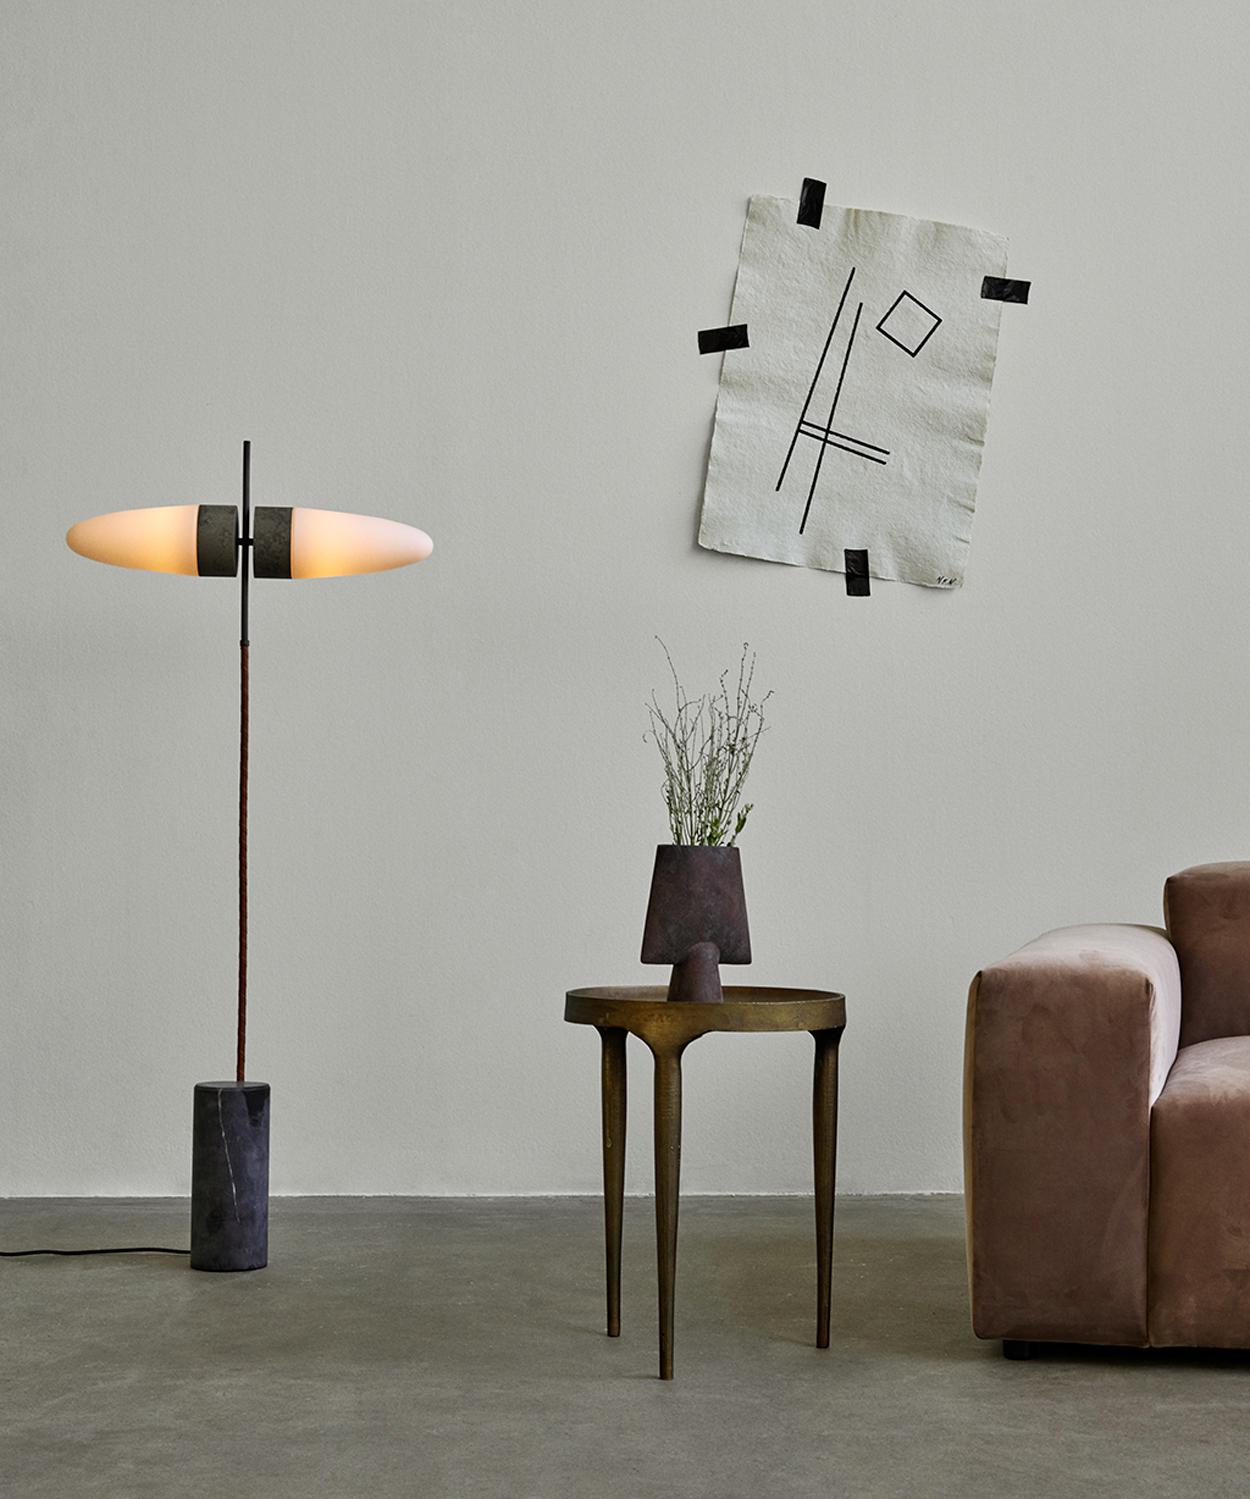 101 Copenhagen Oxidised Bull Floor Lamp in the interior